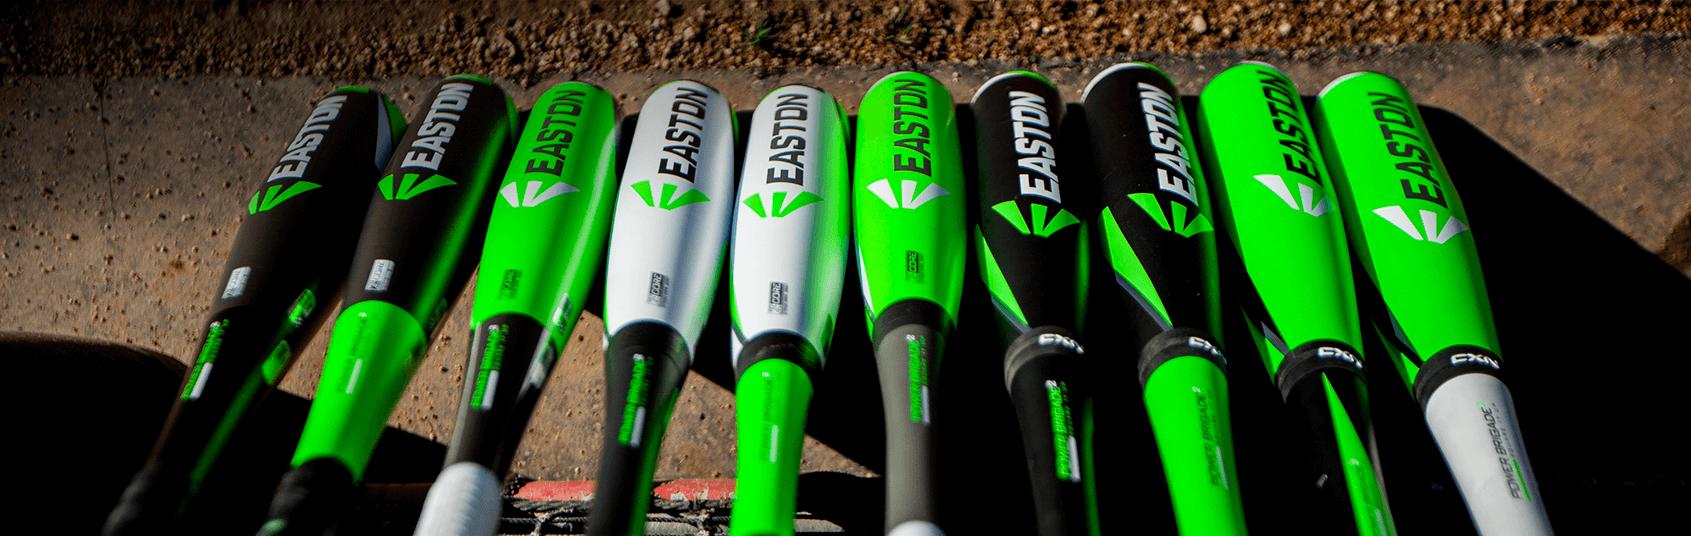 Baseball Bats | Amazon.com